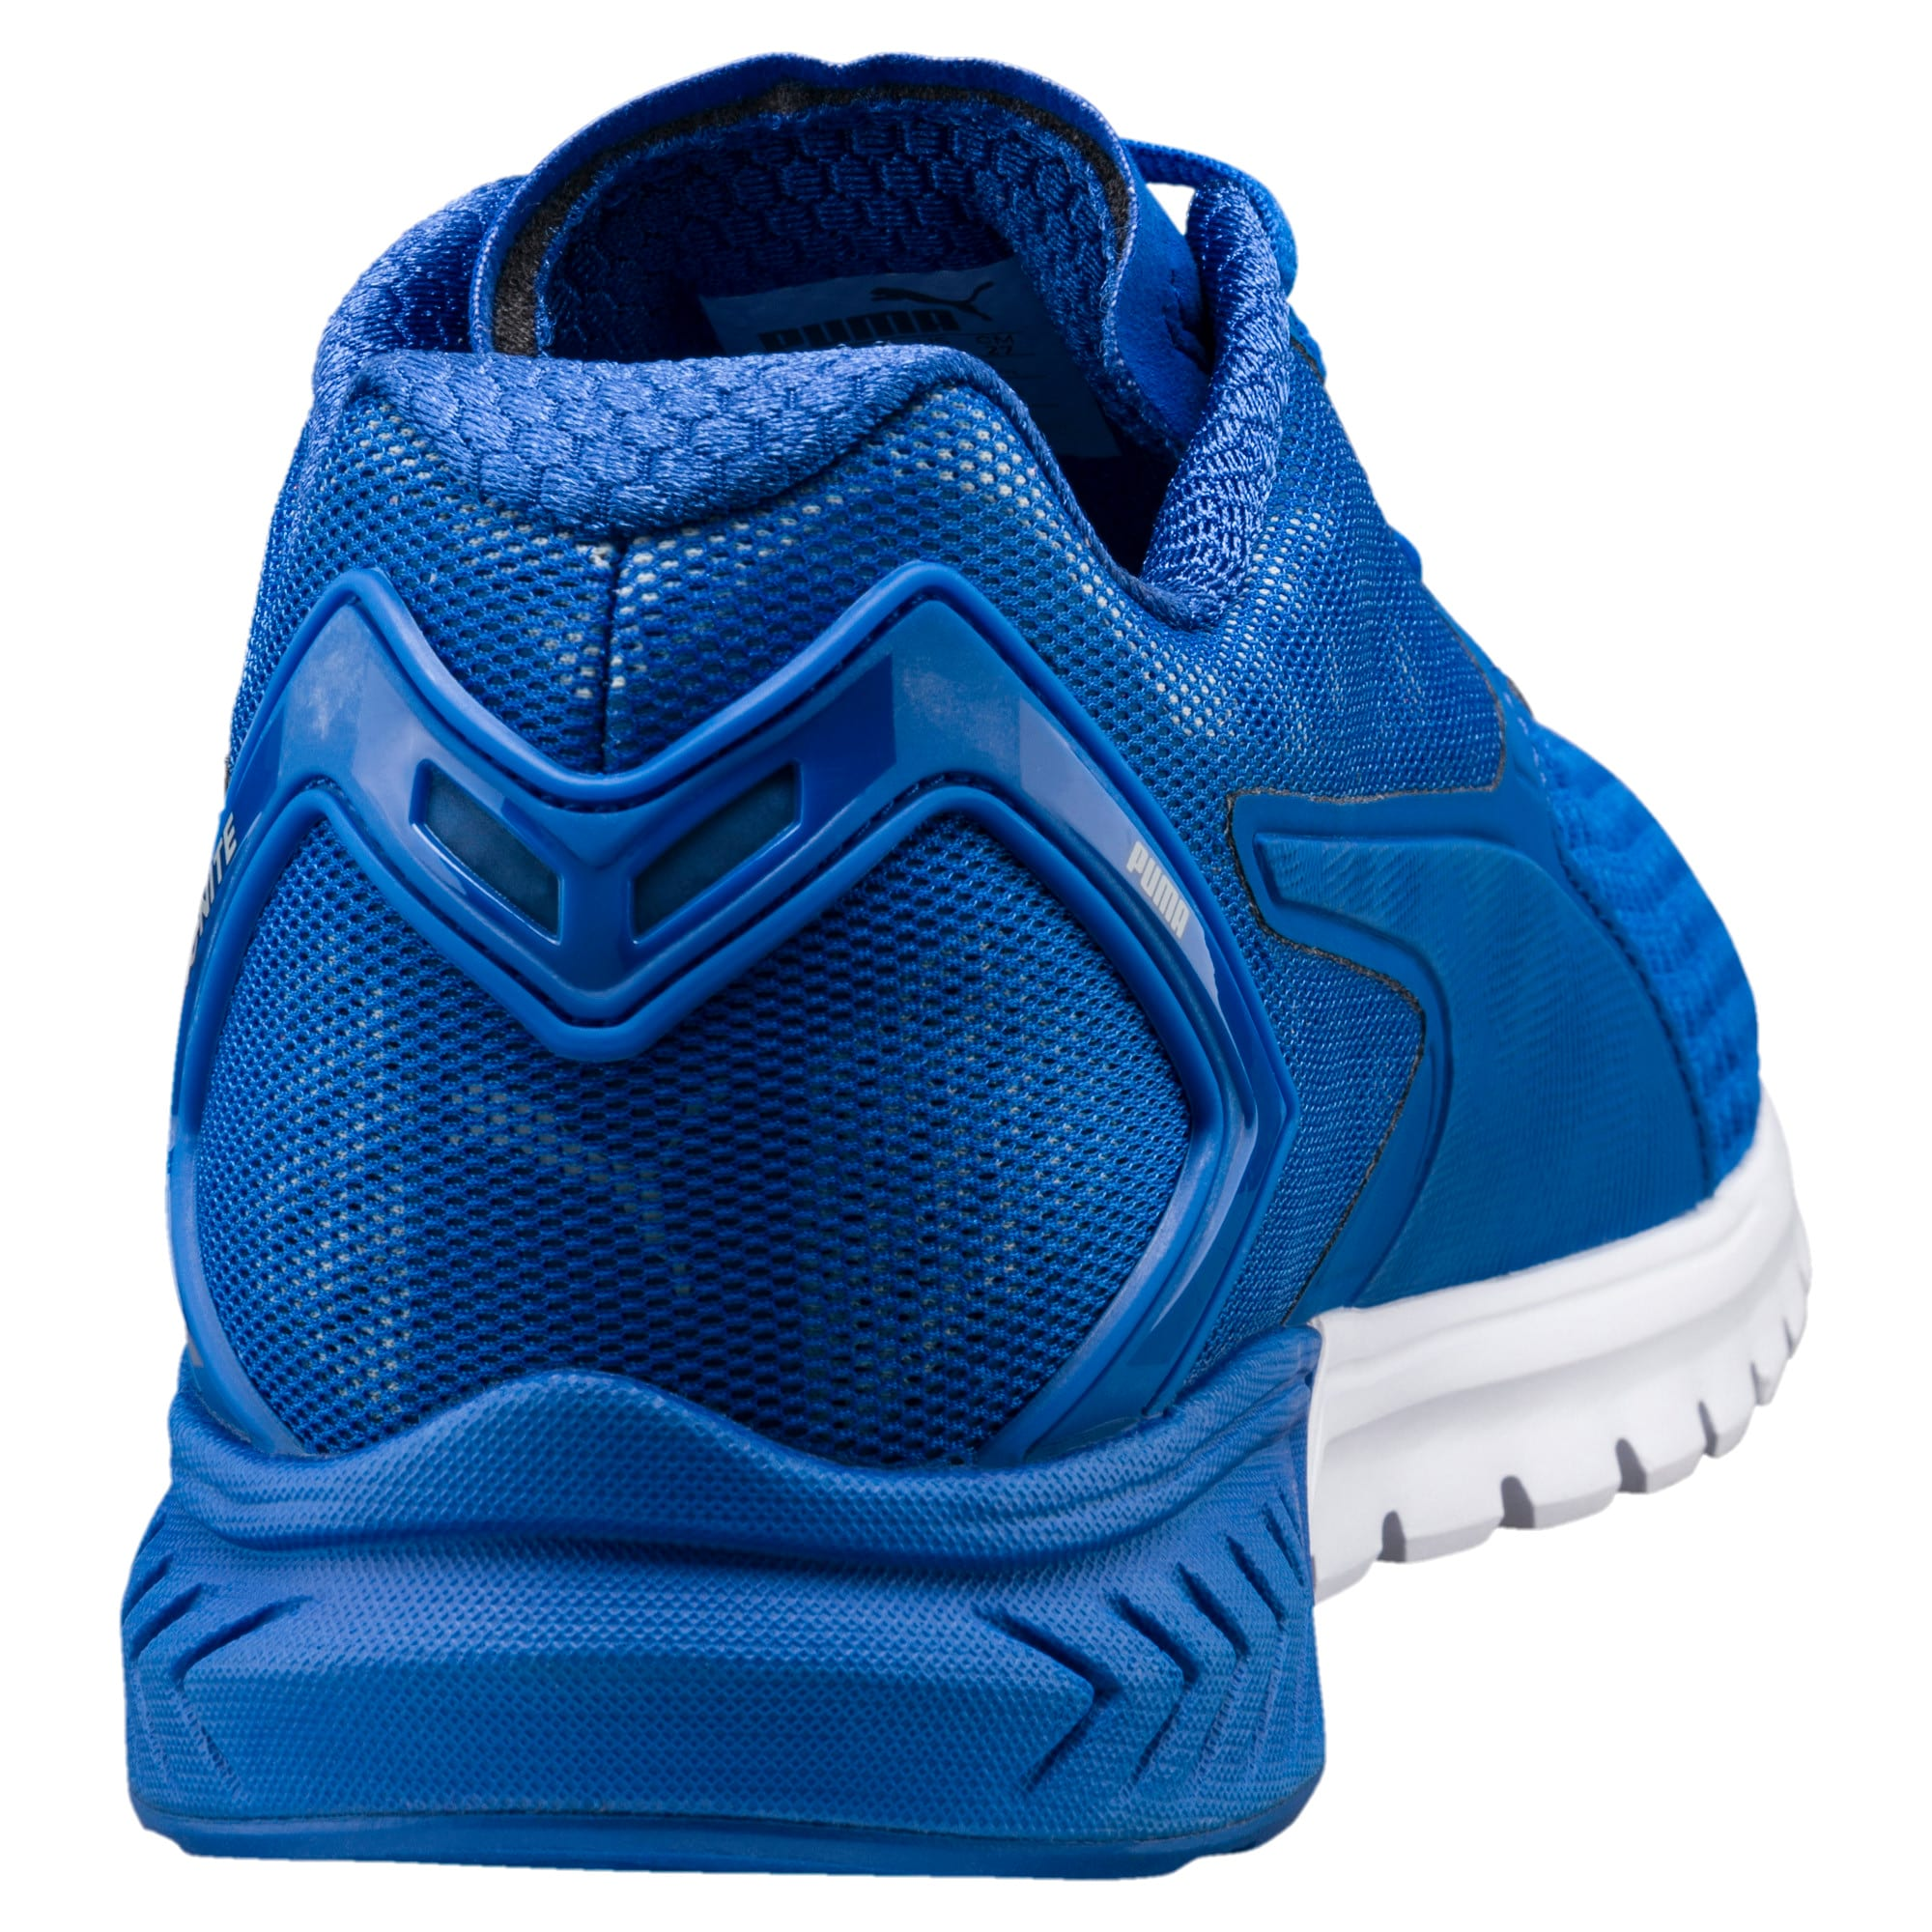 Thumbnail 4 of IGNITE Dual Mesh Men's Running Shoes, Lapis Blue-Quarry, medium-IND